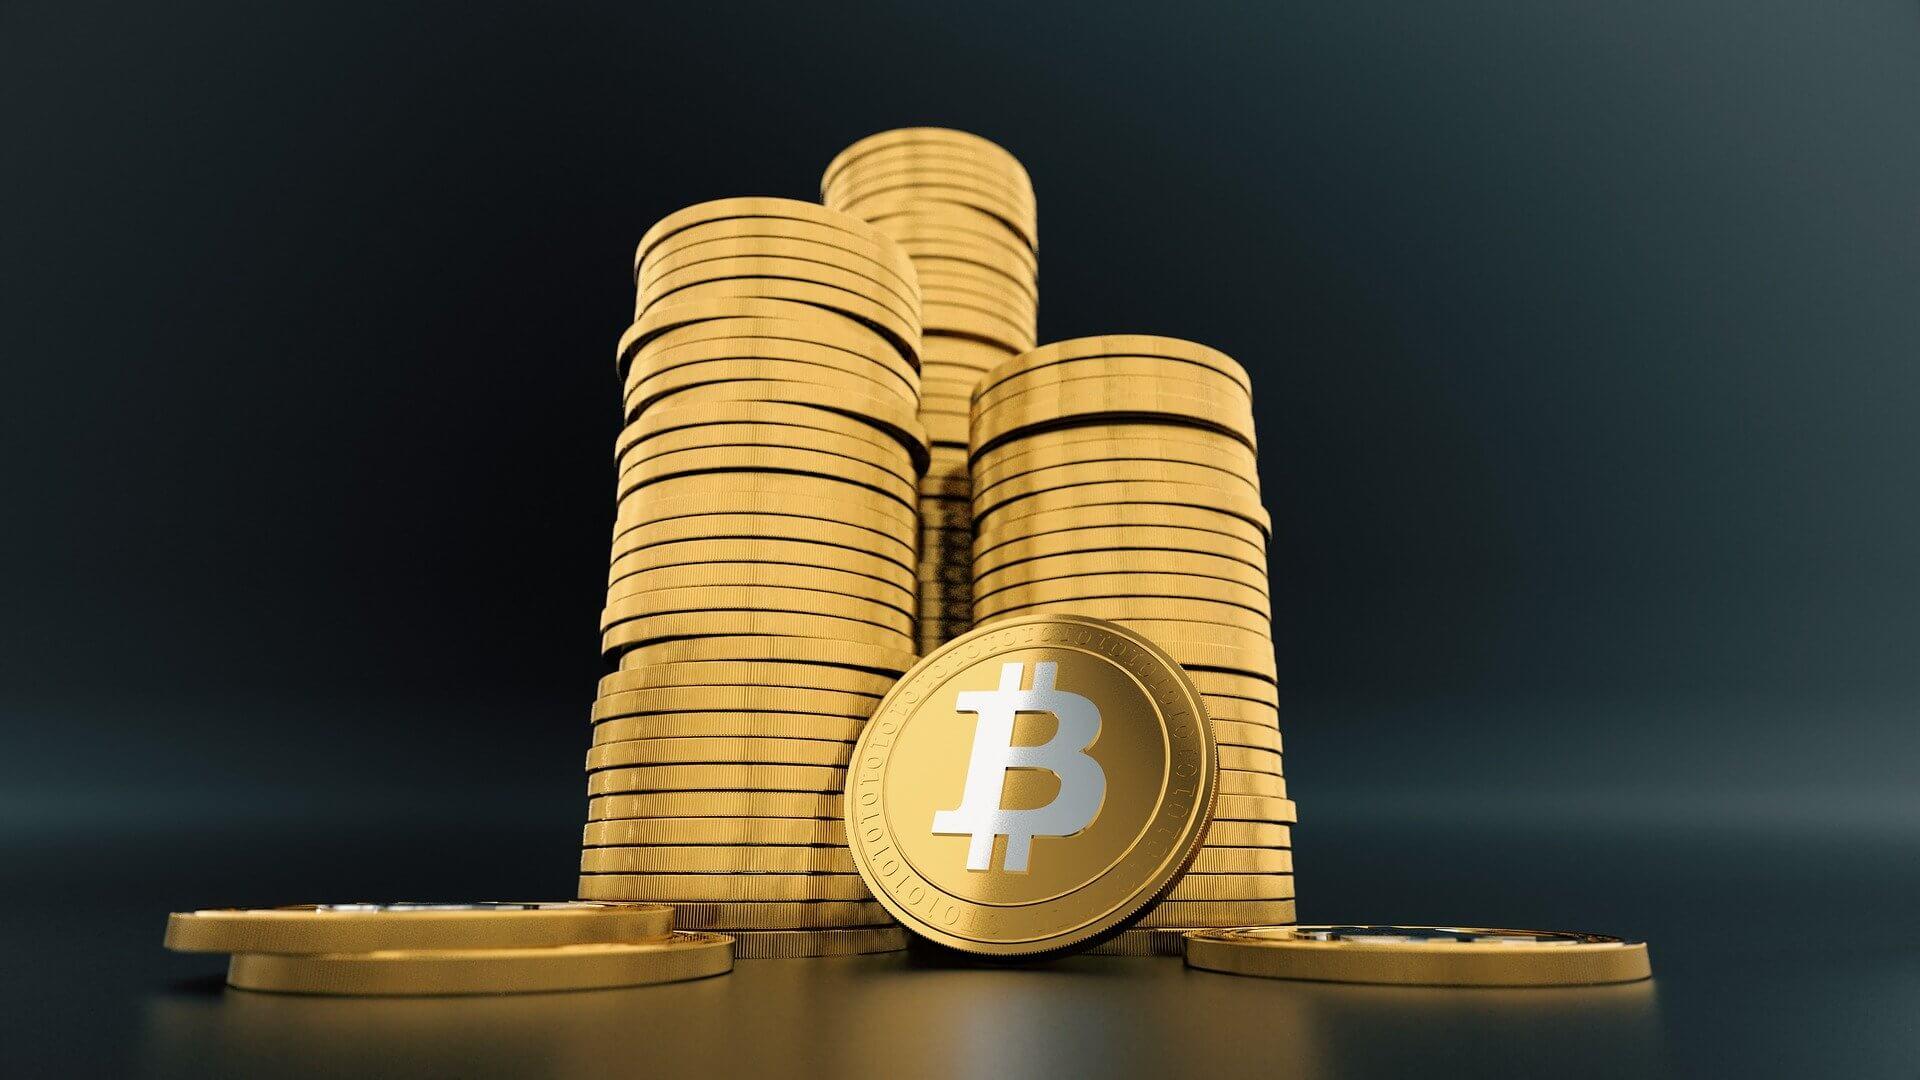 geld verdienen bitcoin cfd finanzinstrumente nebenverdienst kugelschreiber